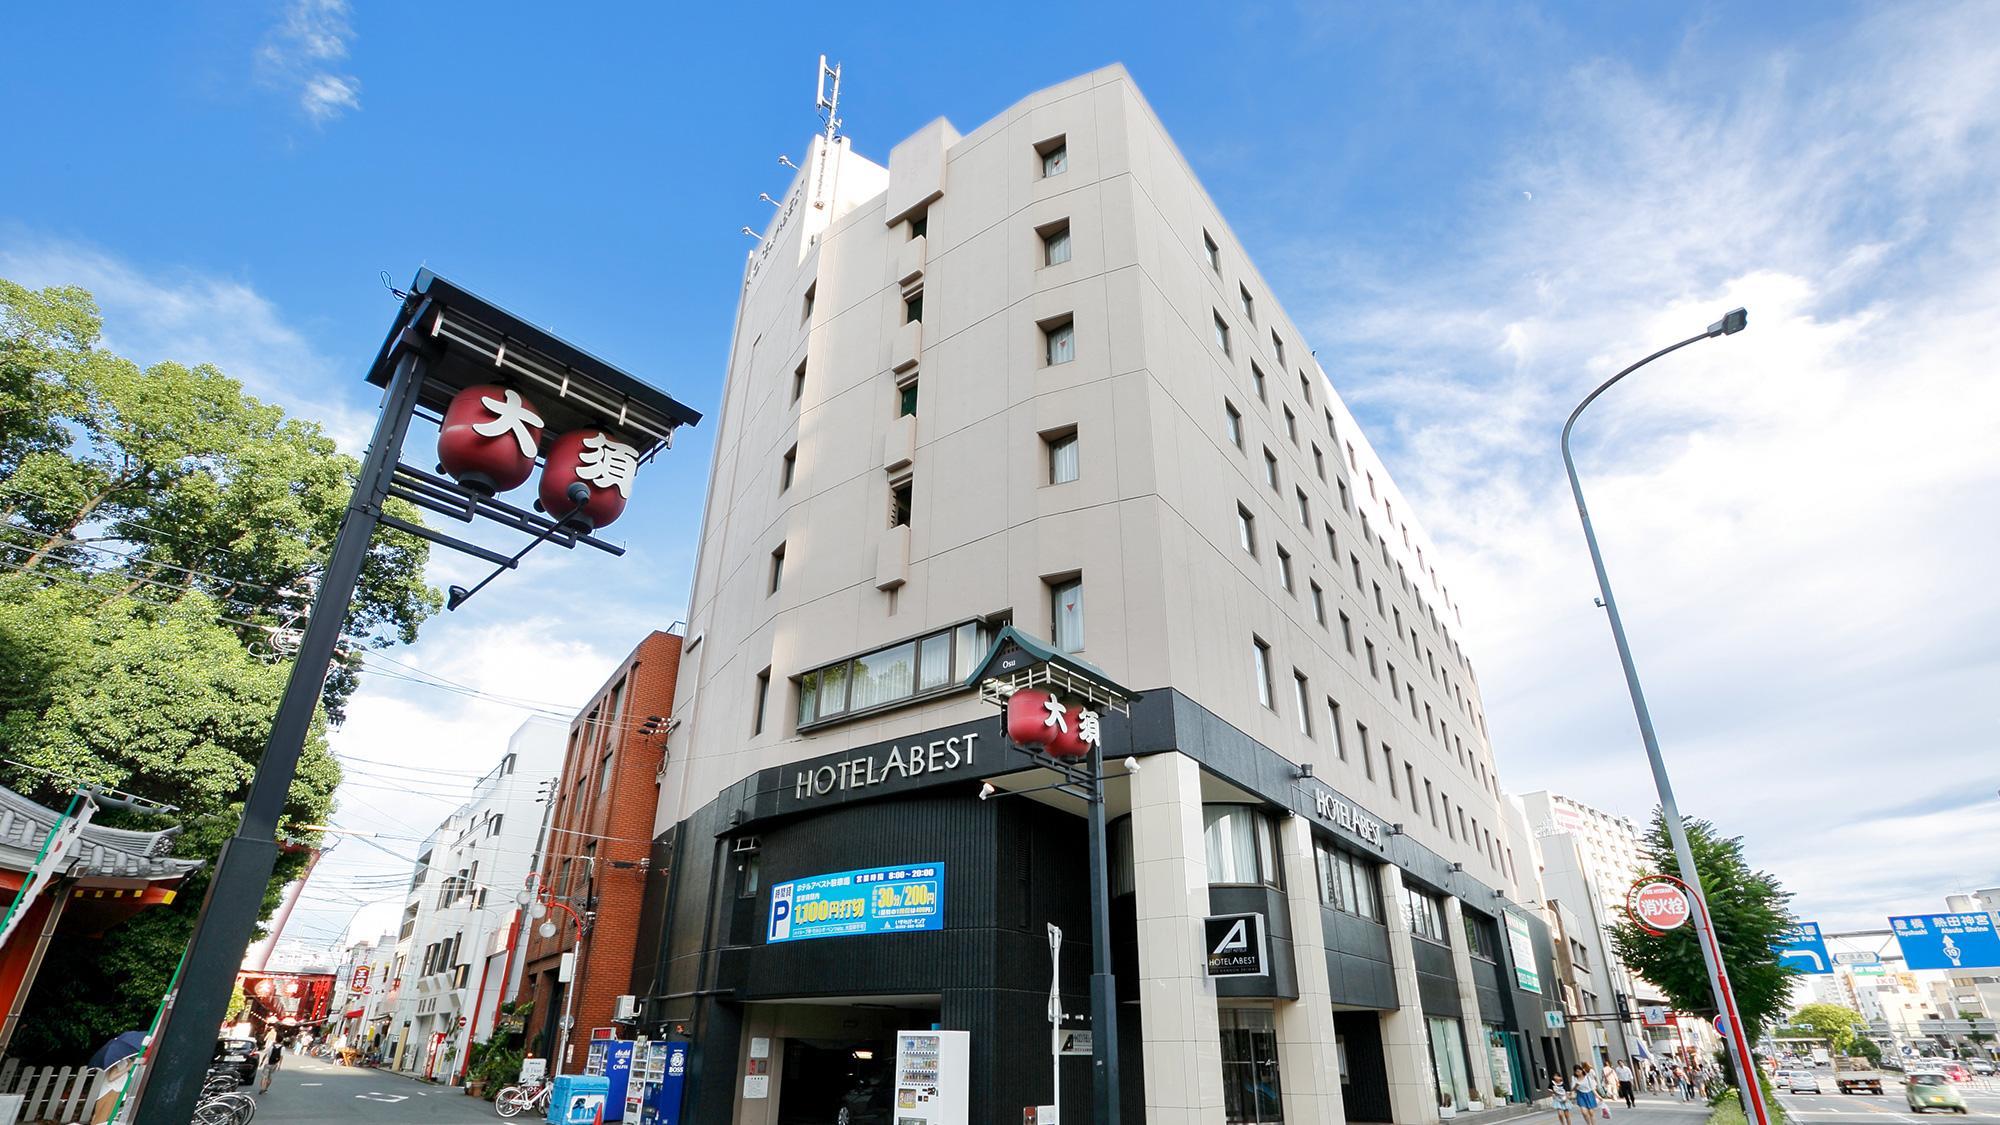 ホテルアベスト大須観音駅前 羽ノ湯